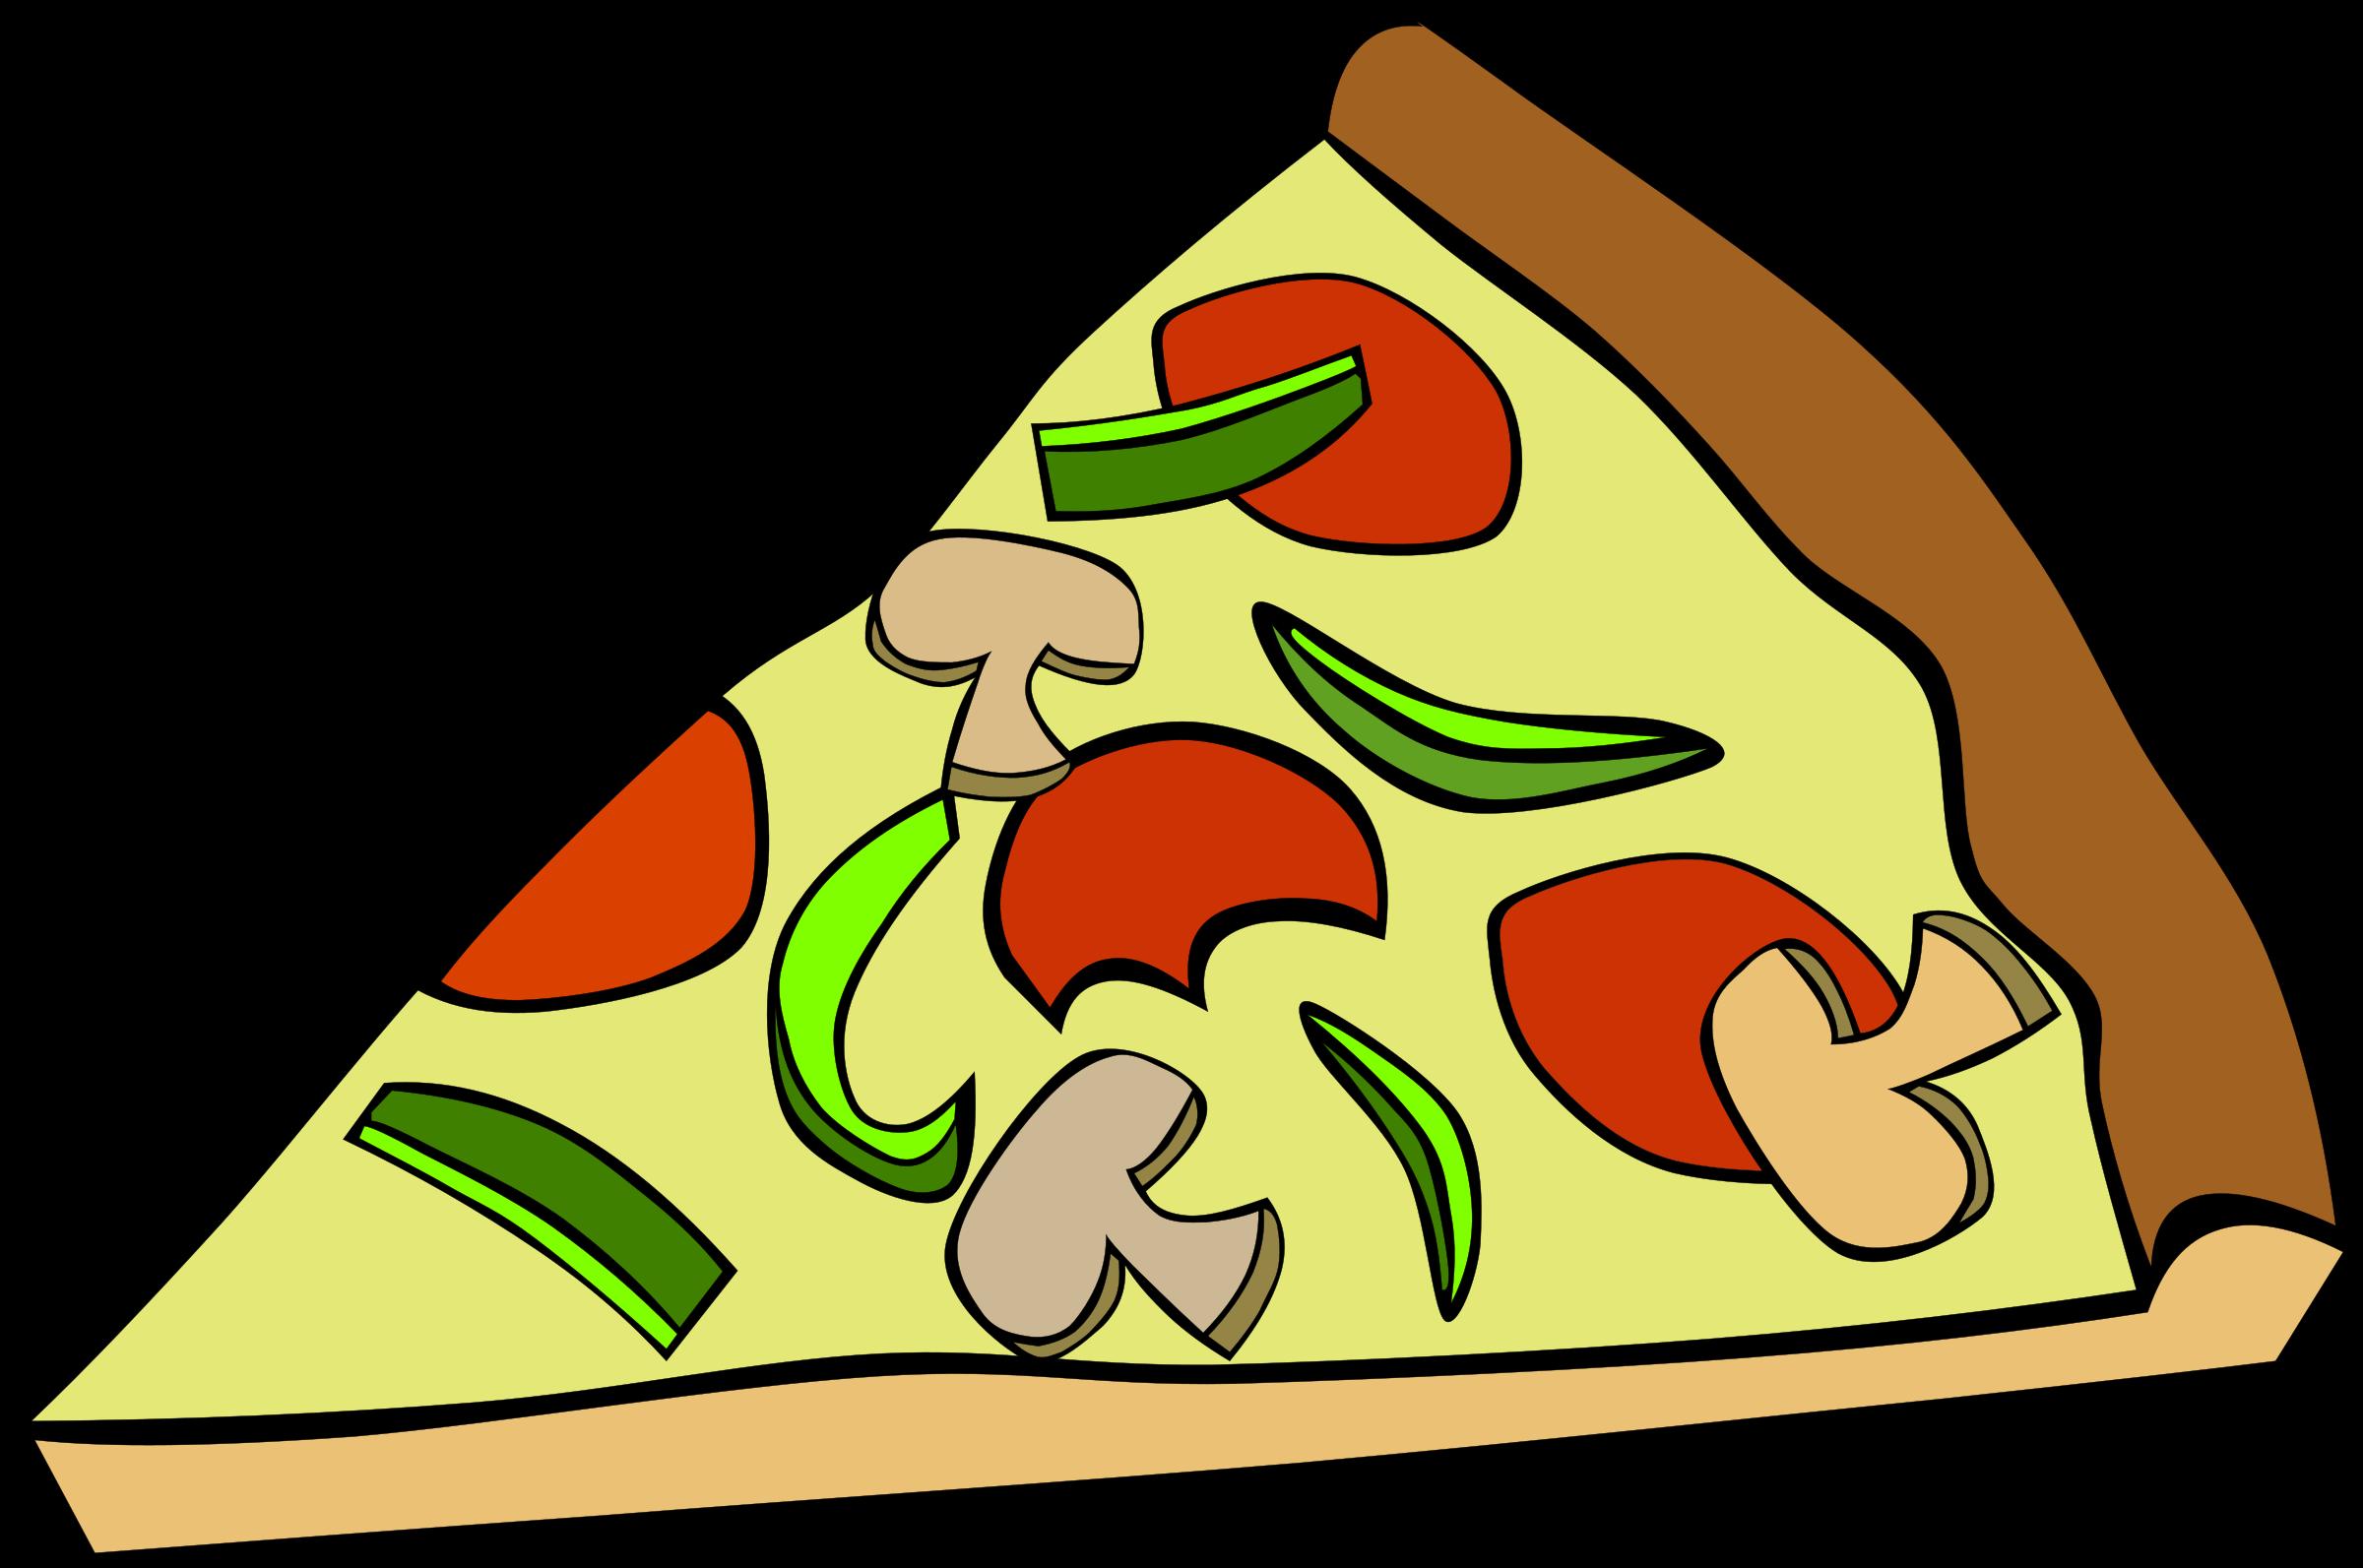 Nutrition clipart triangle. Pizza slice clip art